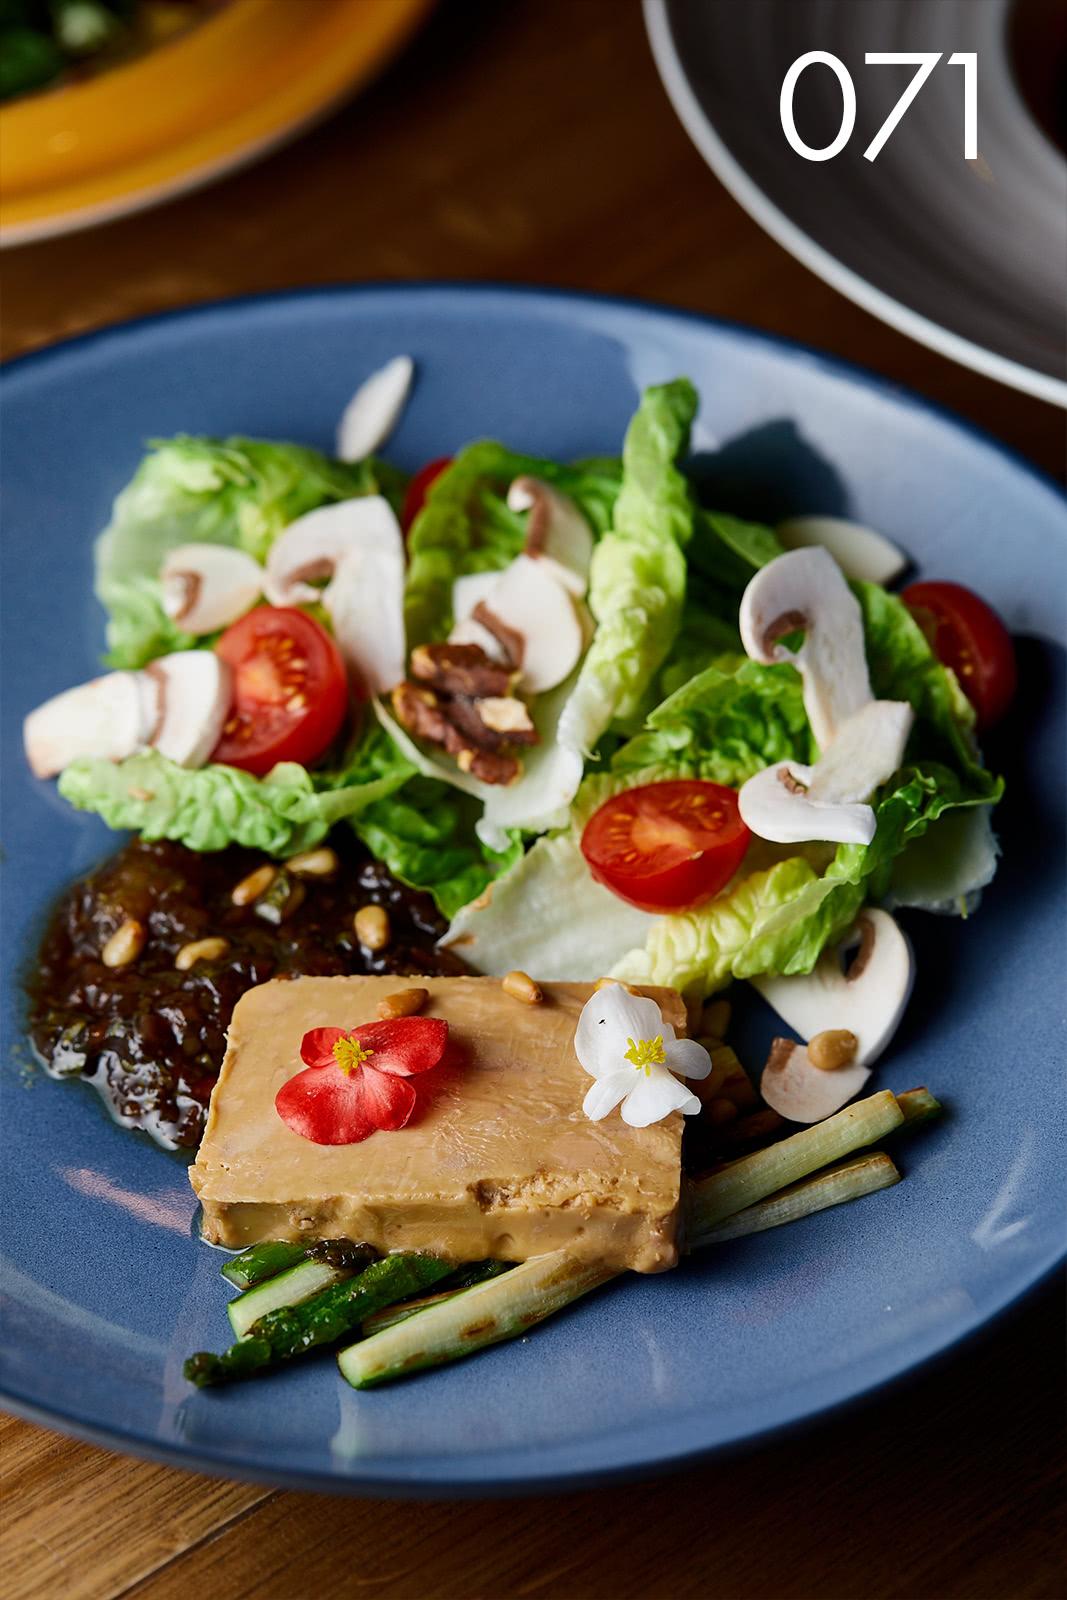 террин из фуа-гра с кедровыми орехами и инжиром на салате ромэн со спаржей и грибами в ресторане Веранда